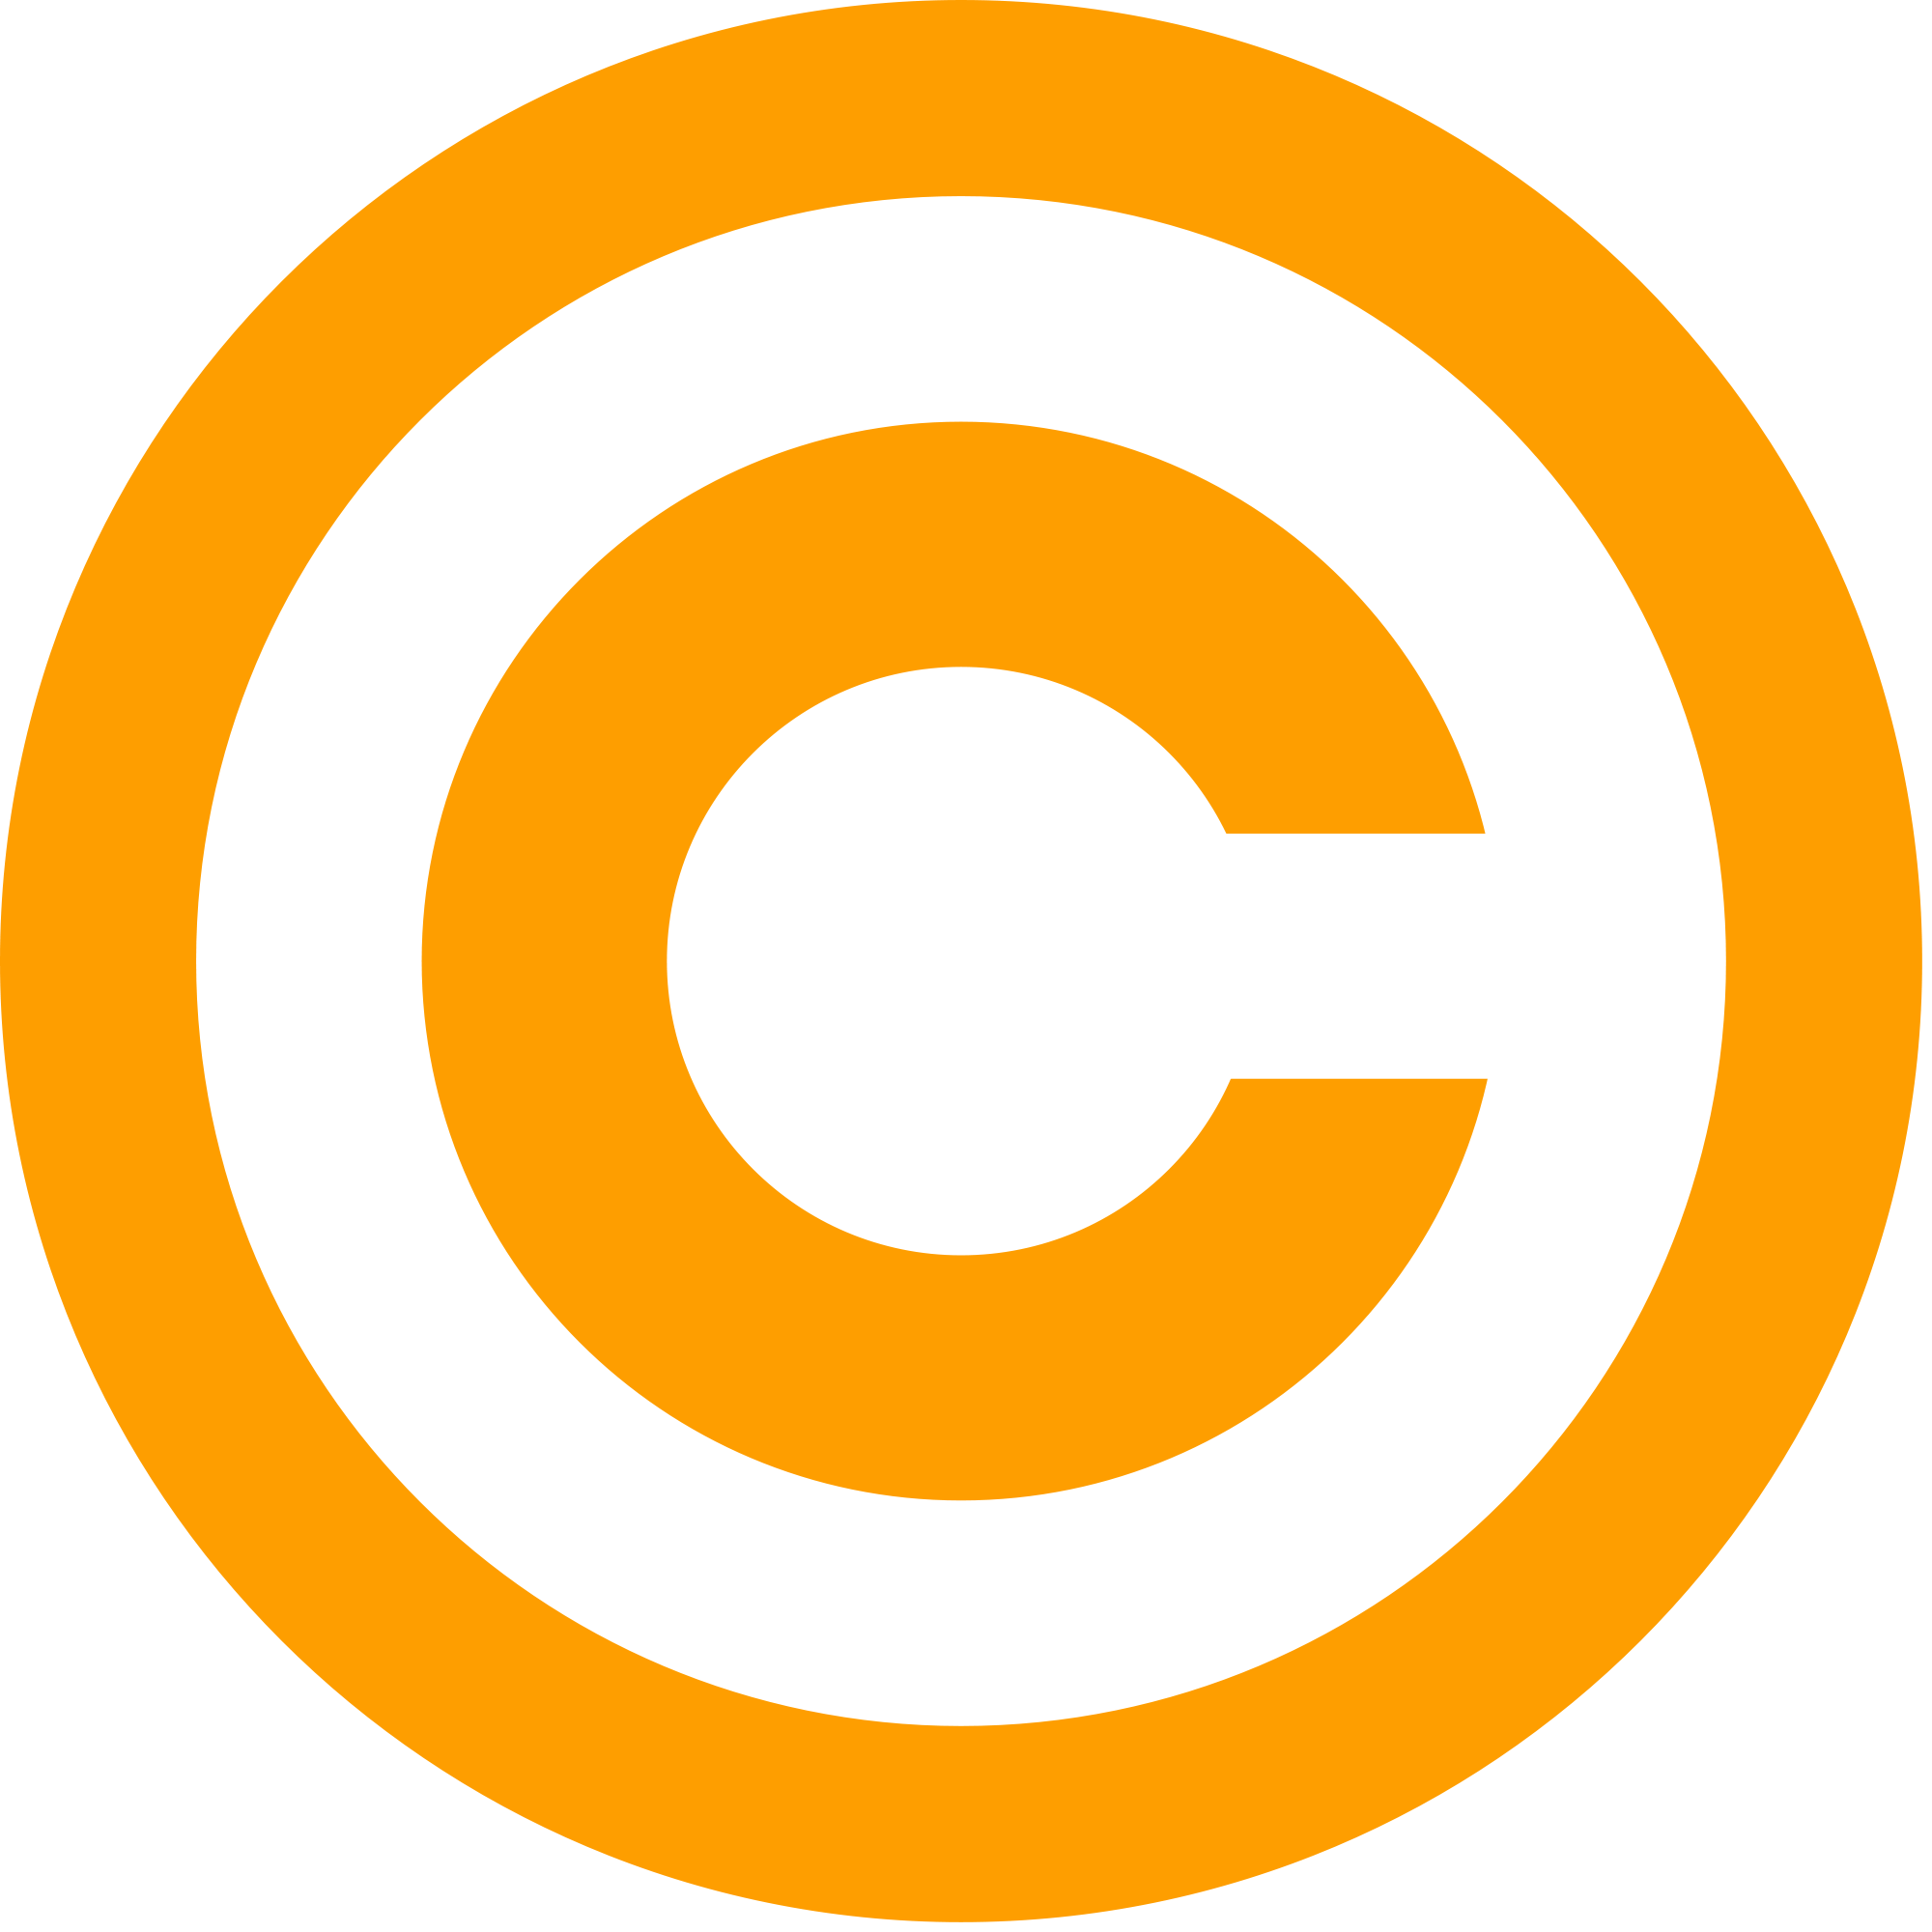 Copyright: Tekst met Auteursrecht